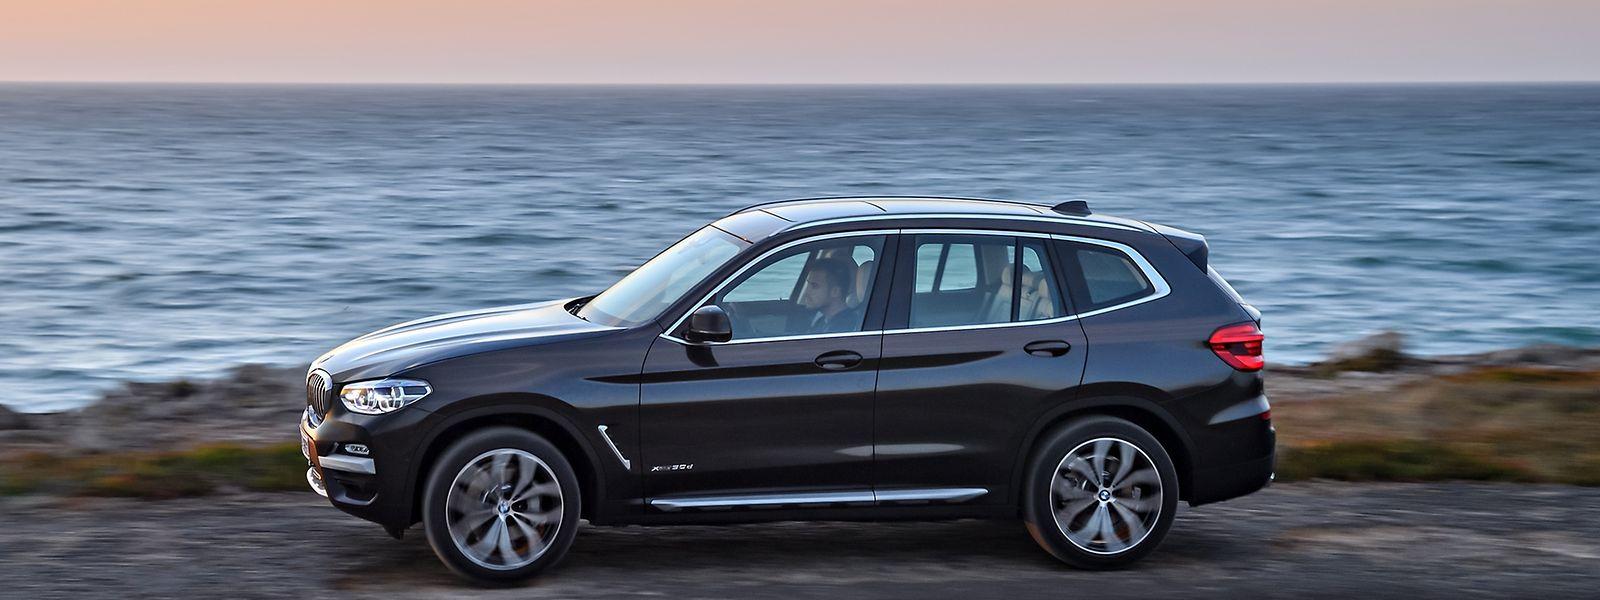 Der neue BMW X3 streckt sich auf rund 4,71 Meter und ist damit gut vier Zentimeter länger als der erste X5.